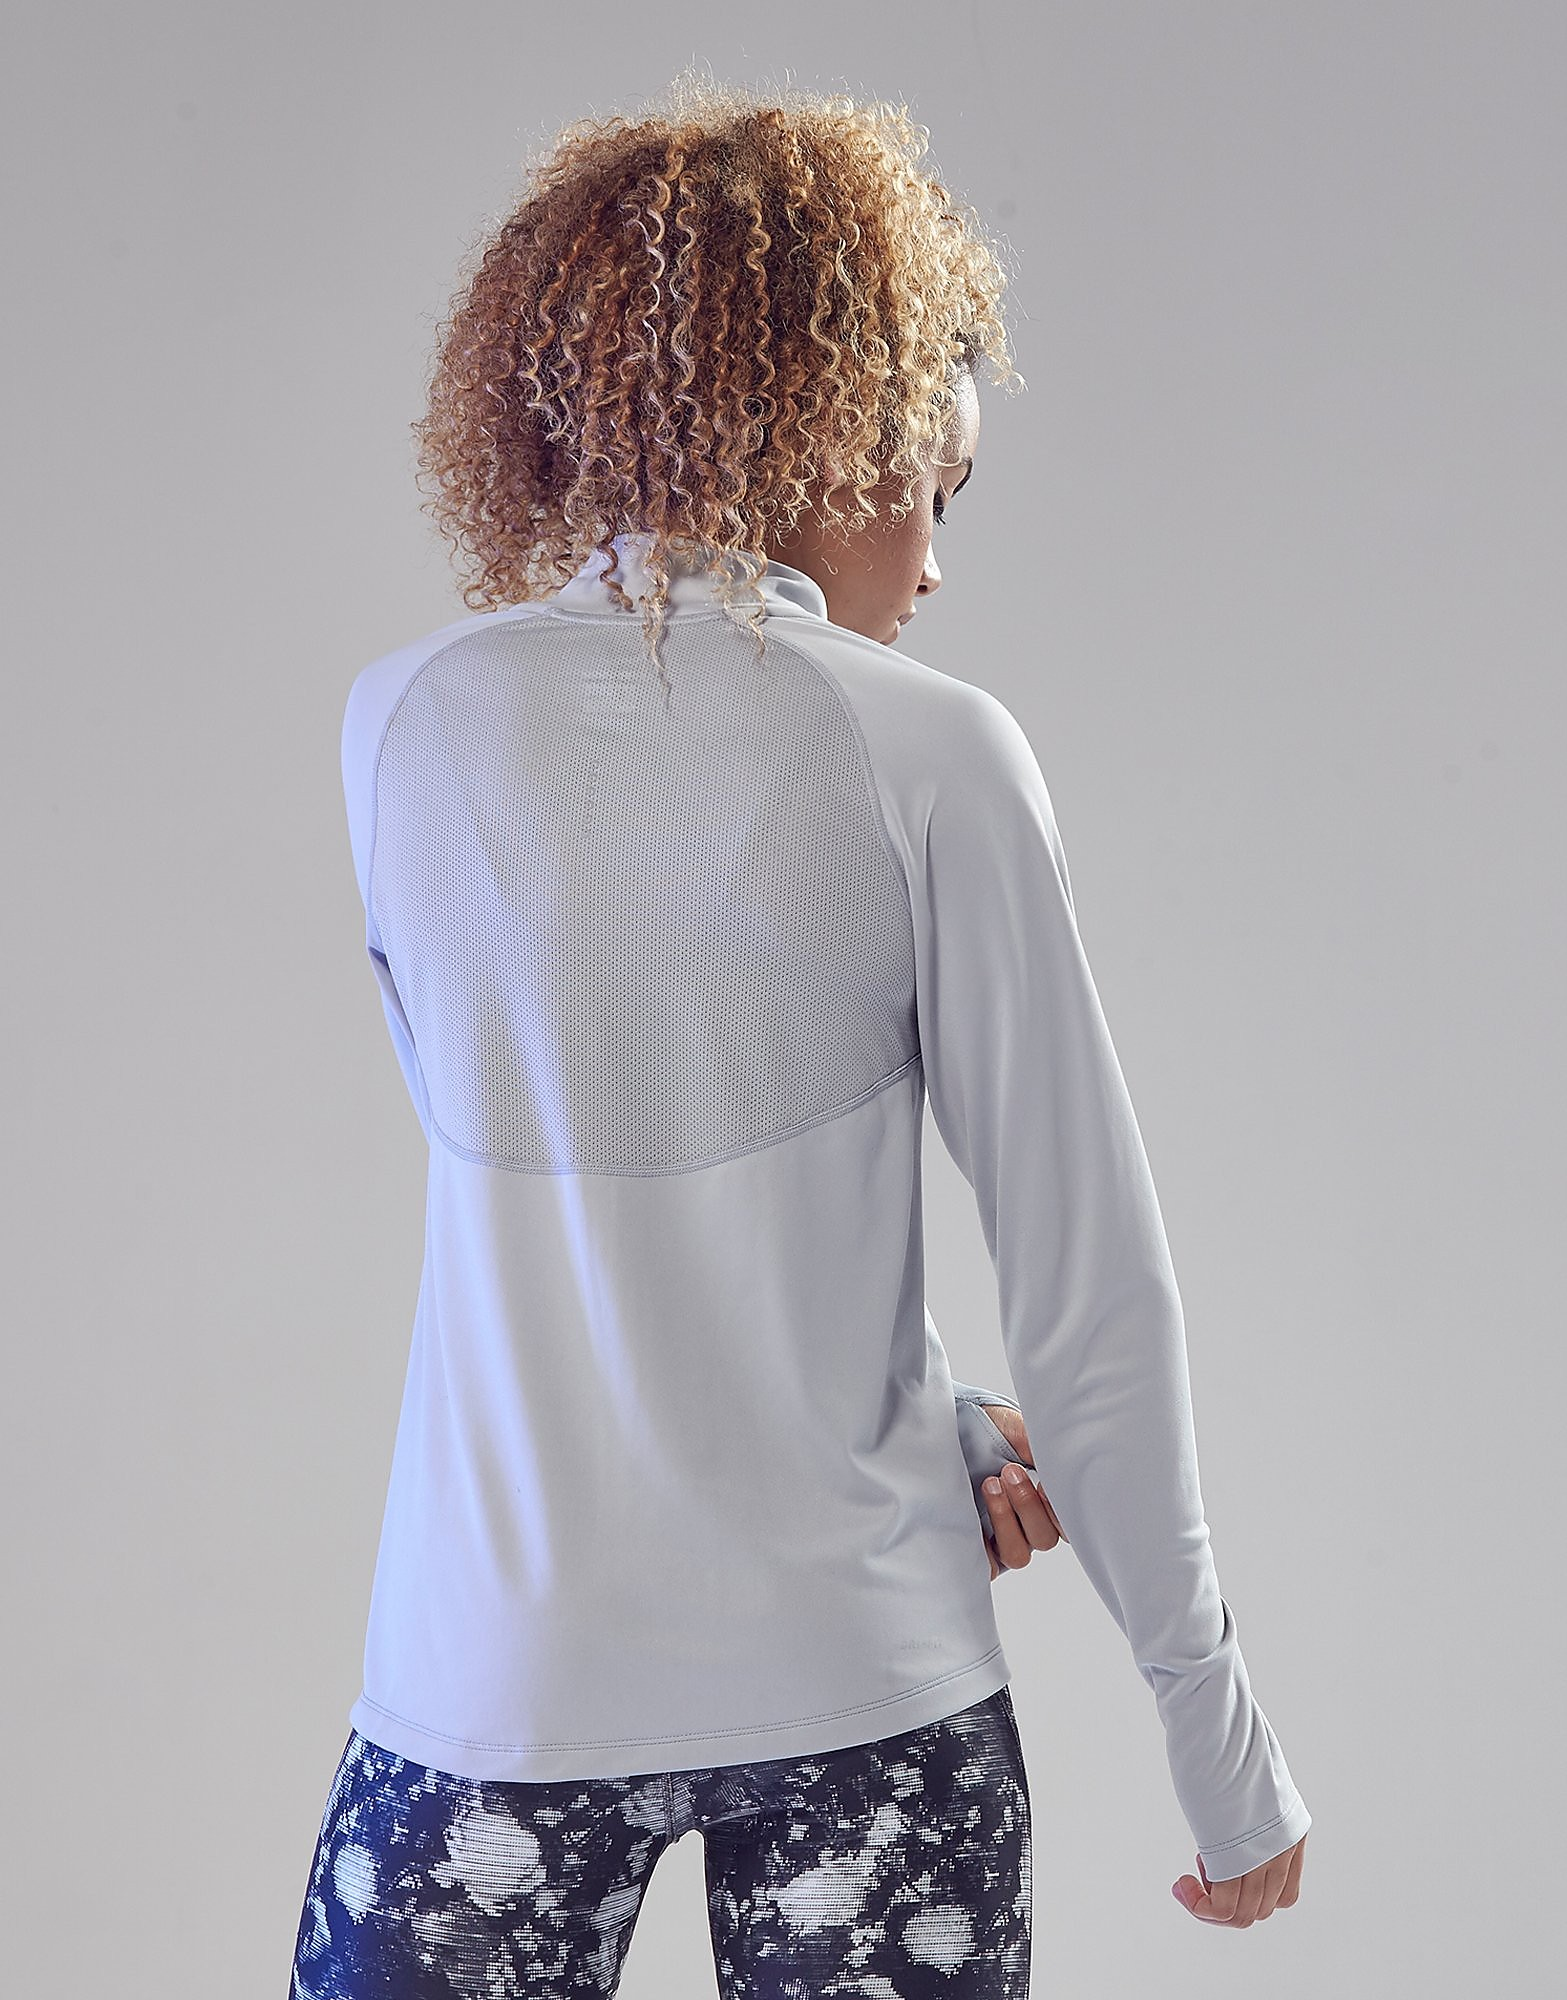 Nike Core Half Zip Running Top